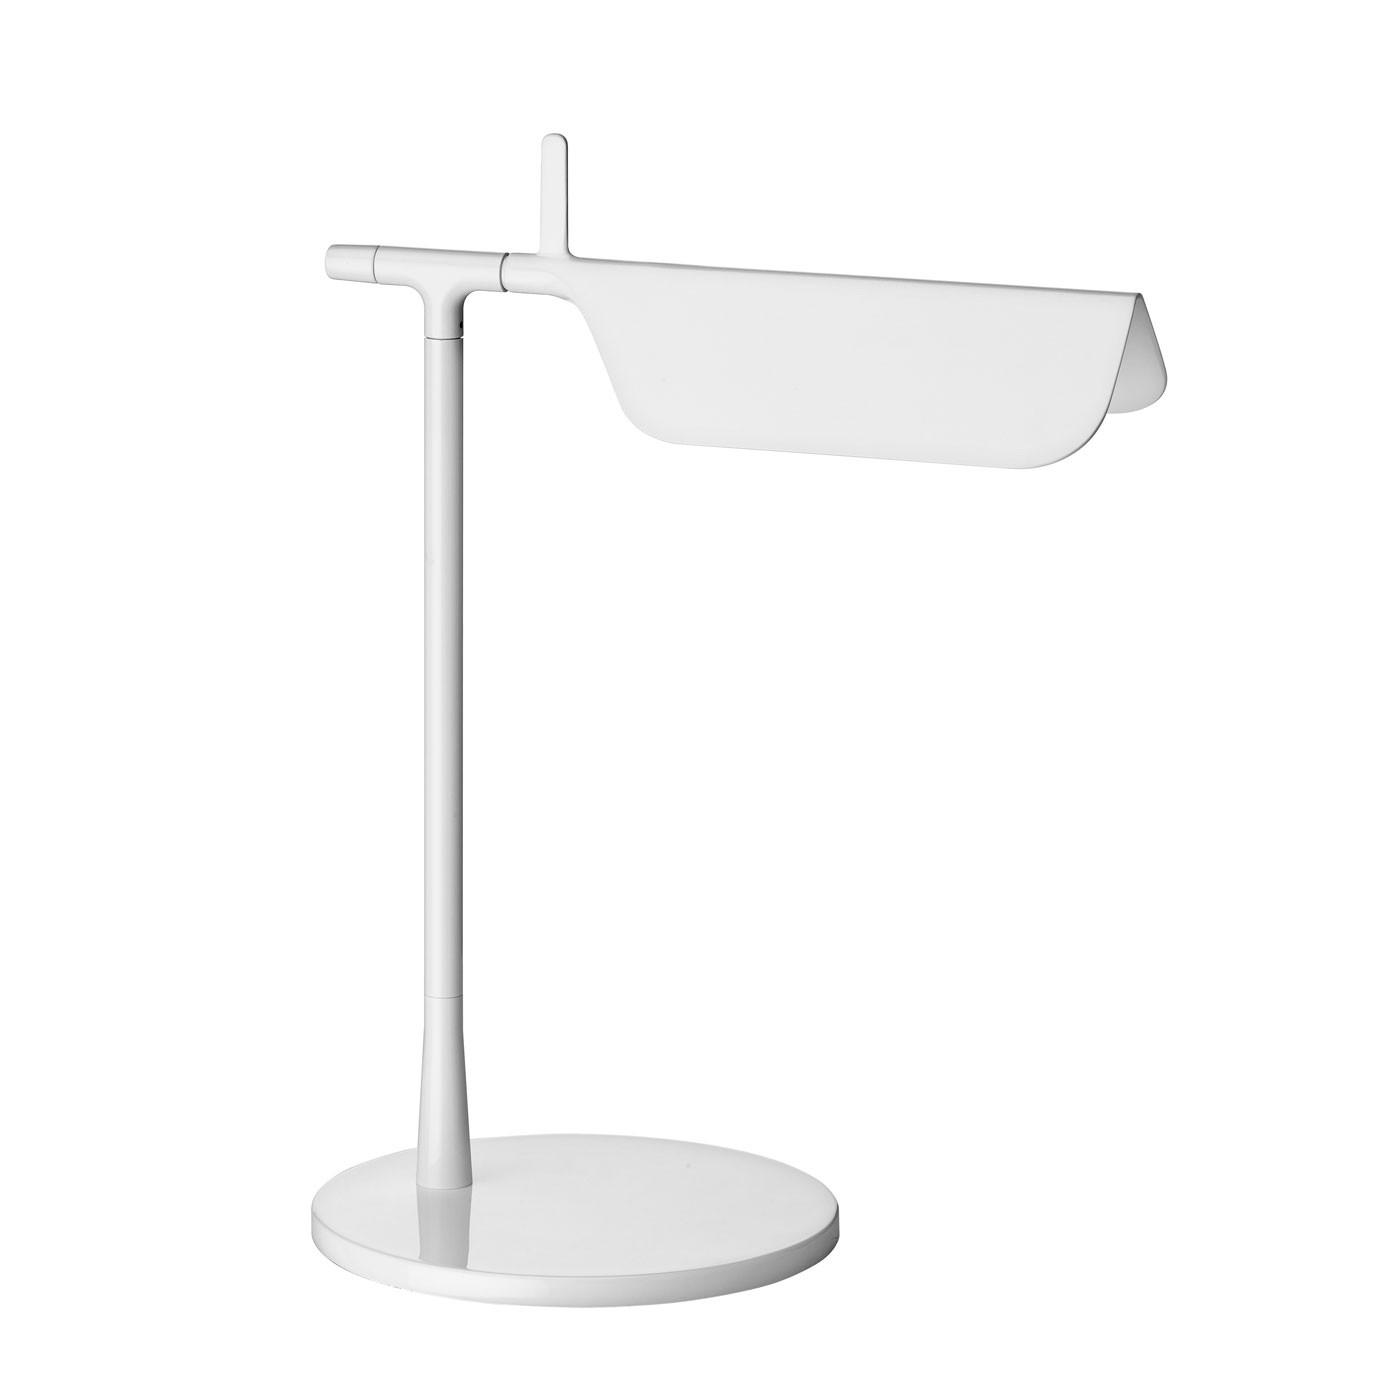 Flos Tab T LED